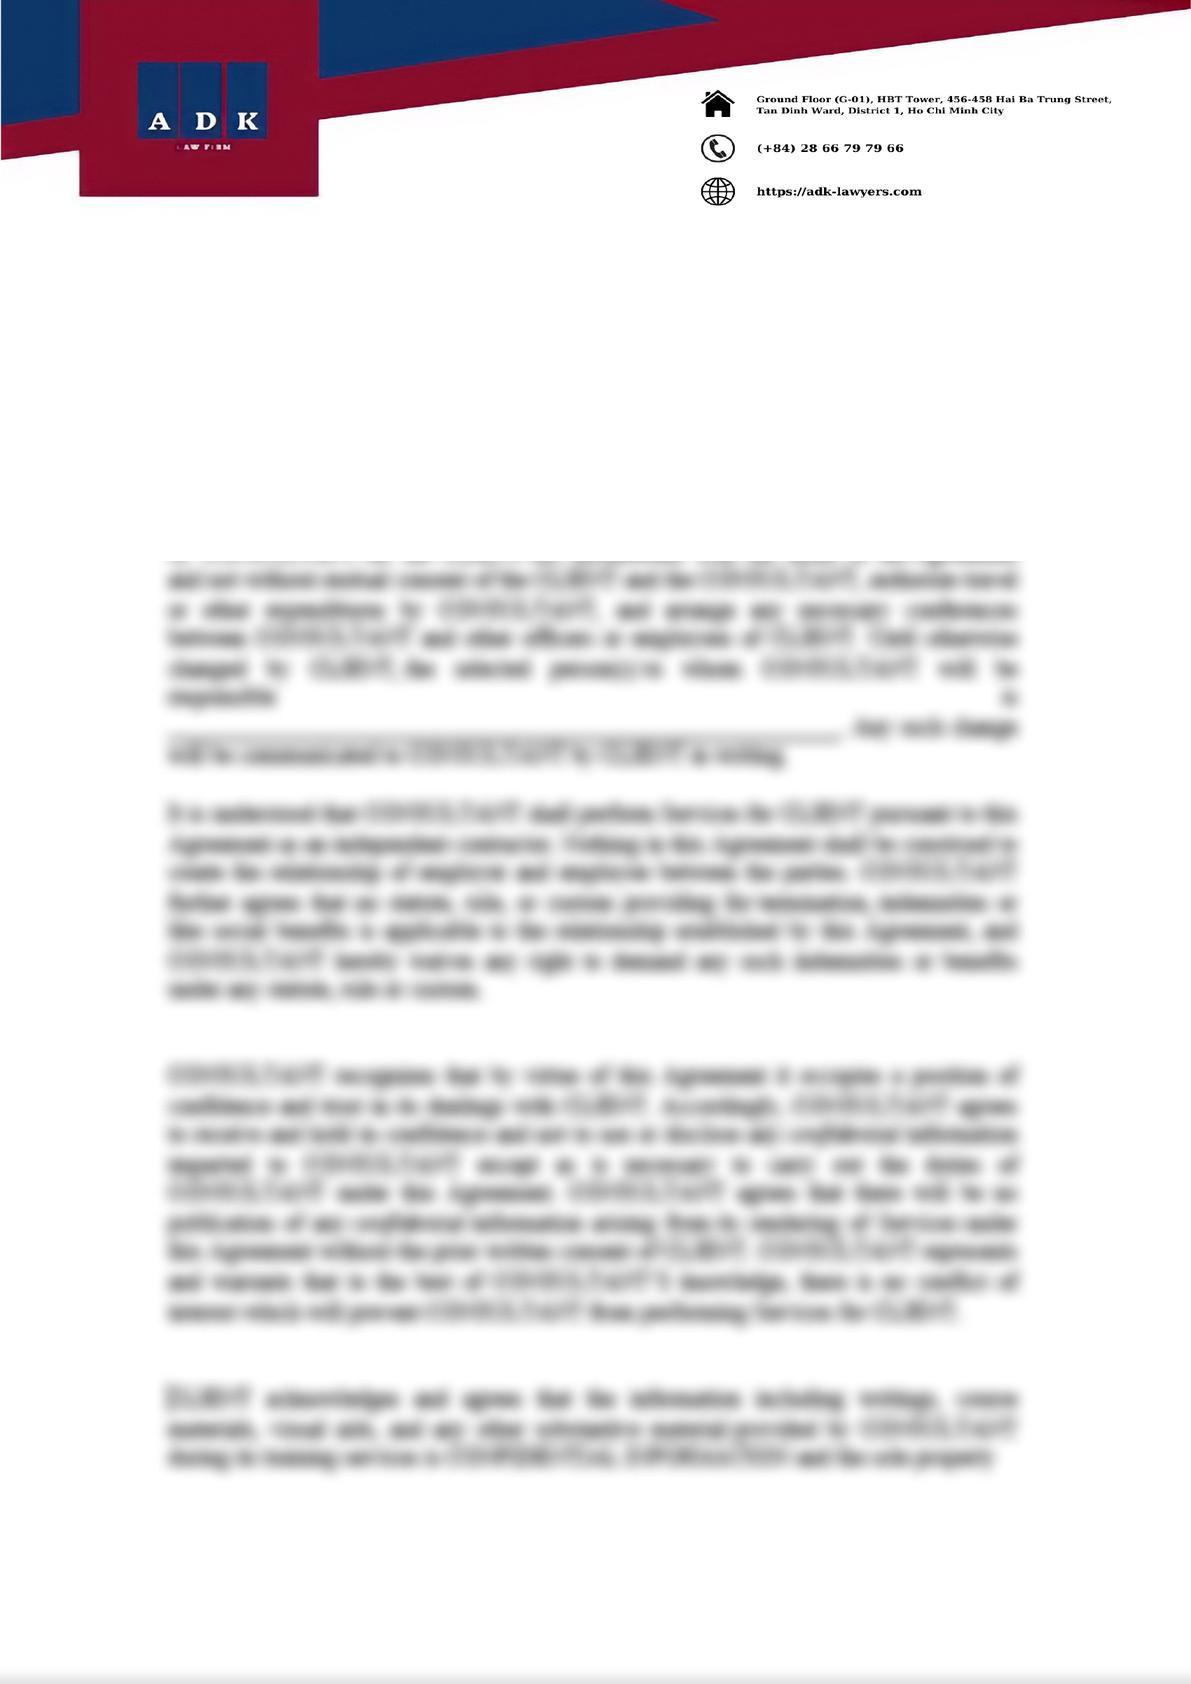 LEGAL UPDATES VOL.21 OCTOBER 2021-2